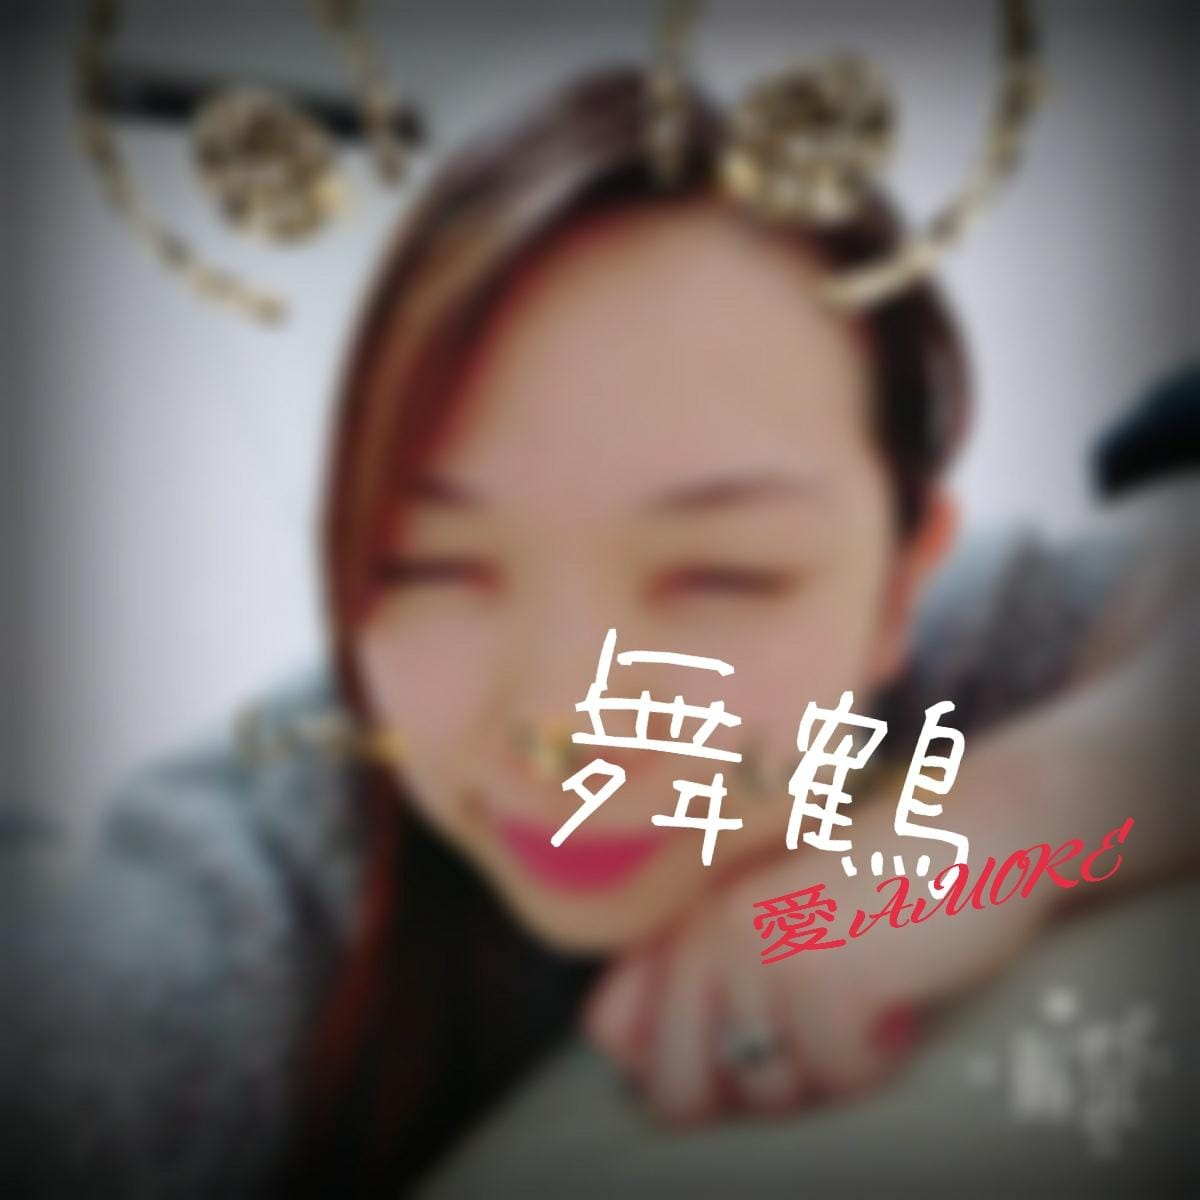 「#悪魔のおにぎらない」12/30(日) 03:30 | 舞鶴の写メ・風俗動画